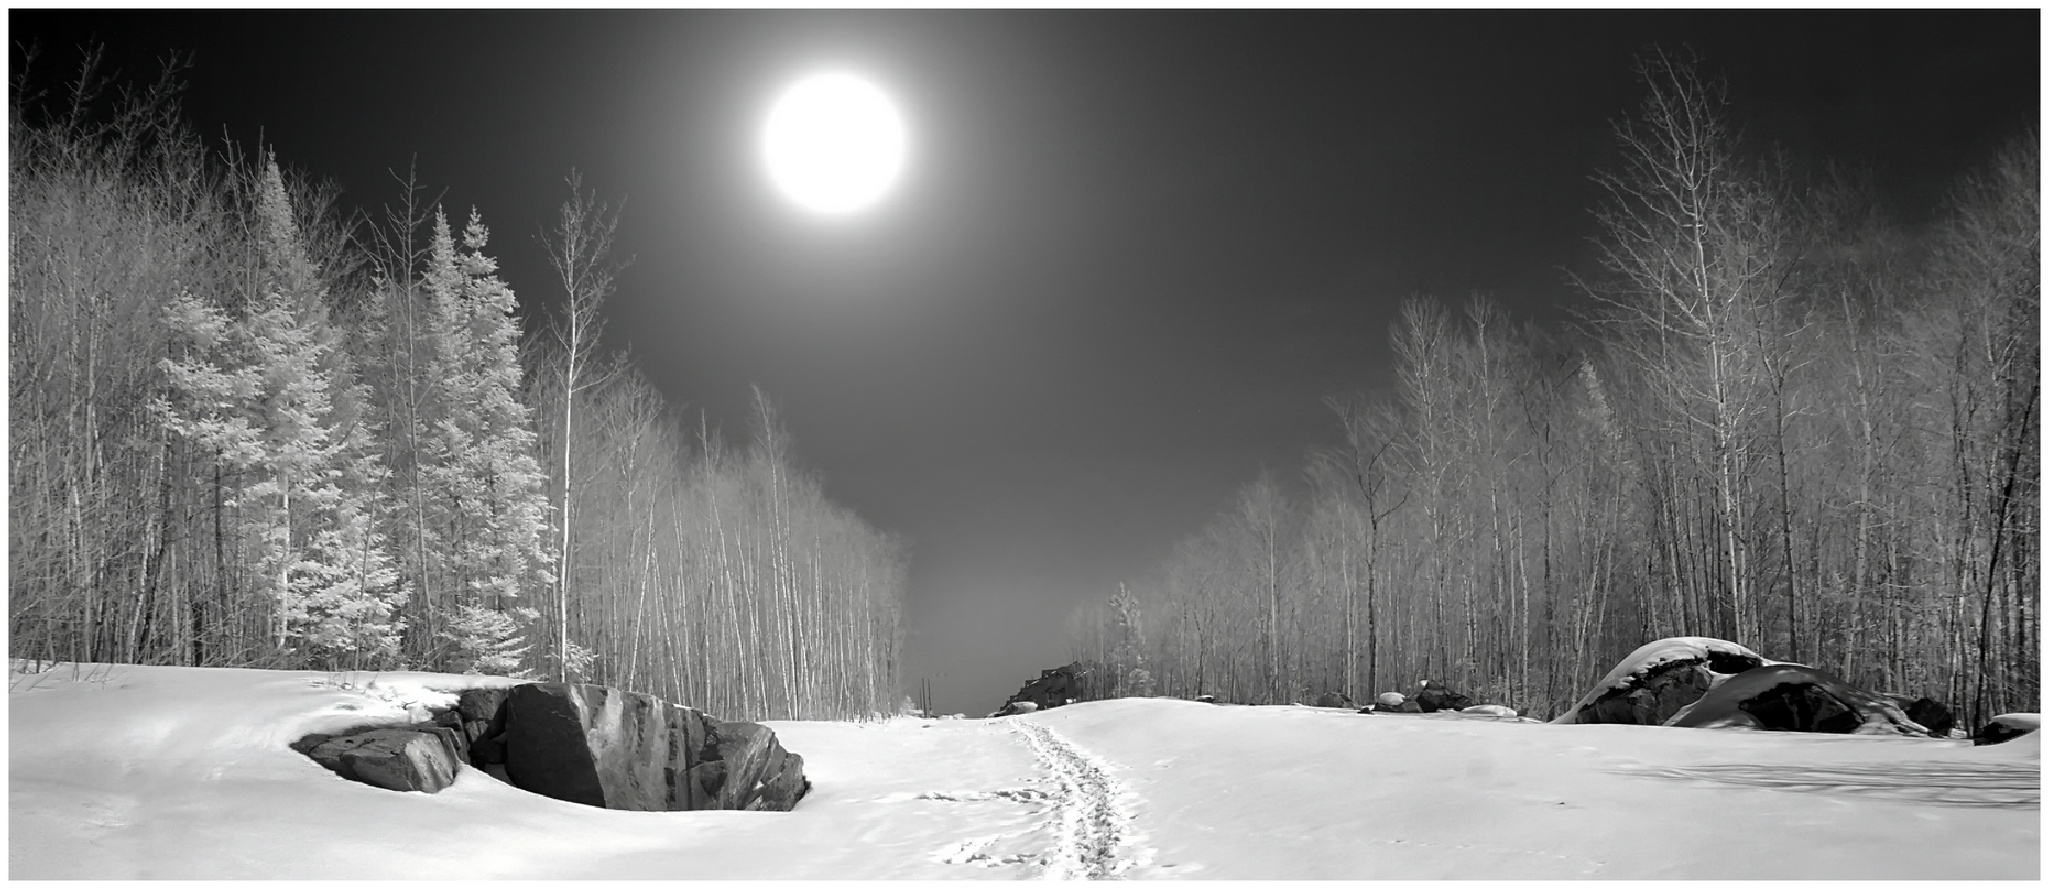 Chemin dans la neige by Fernand Larochelle